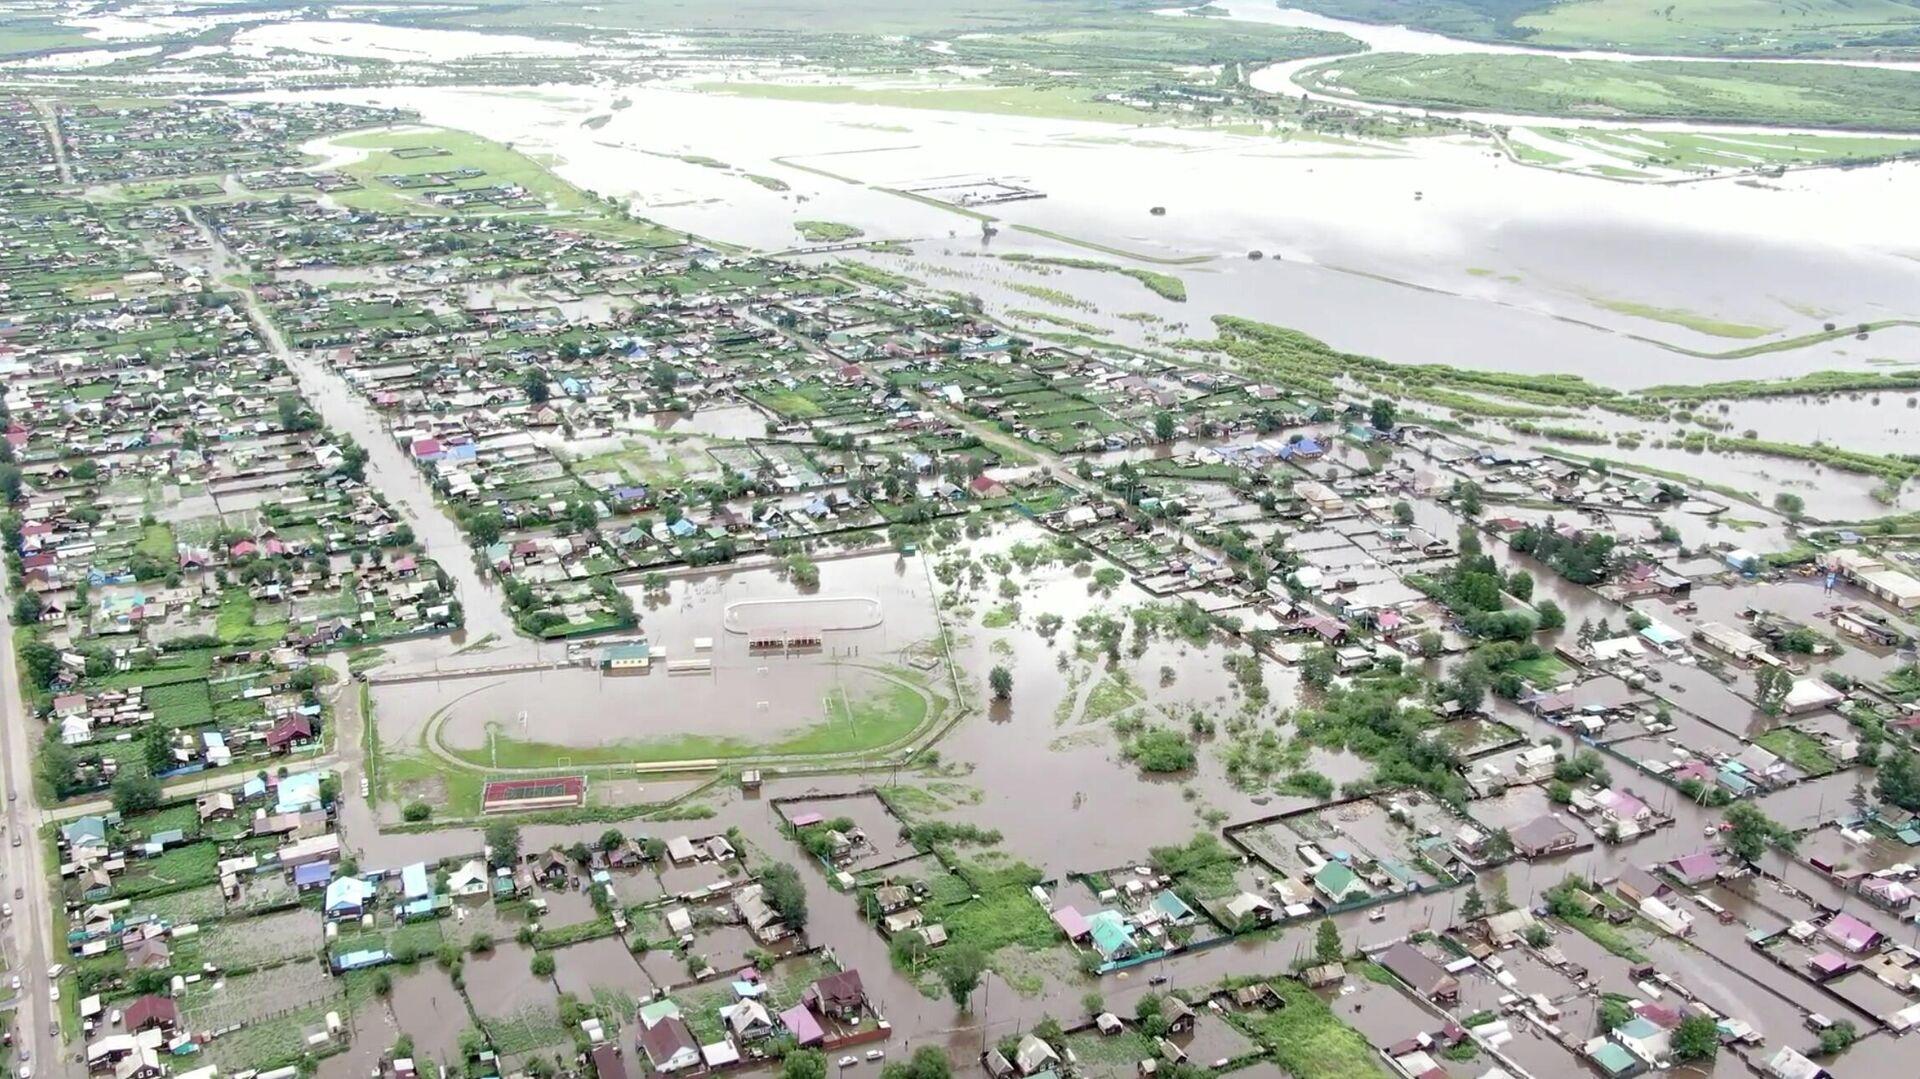 Poplave u Zabajkalskom kraju - Sputnik Srbija, 1920, 24.07.2021